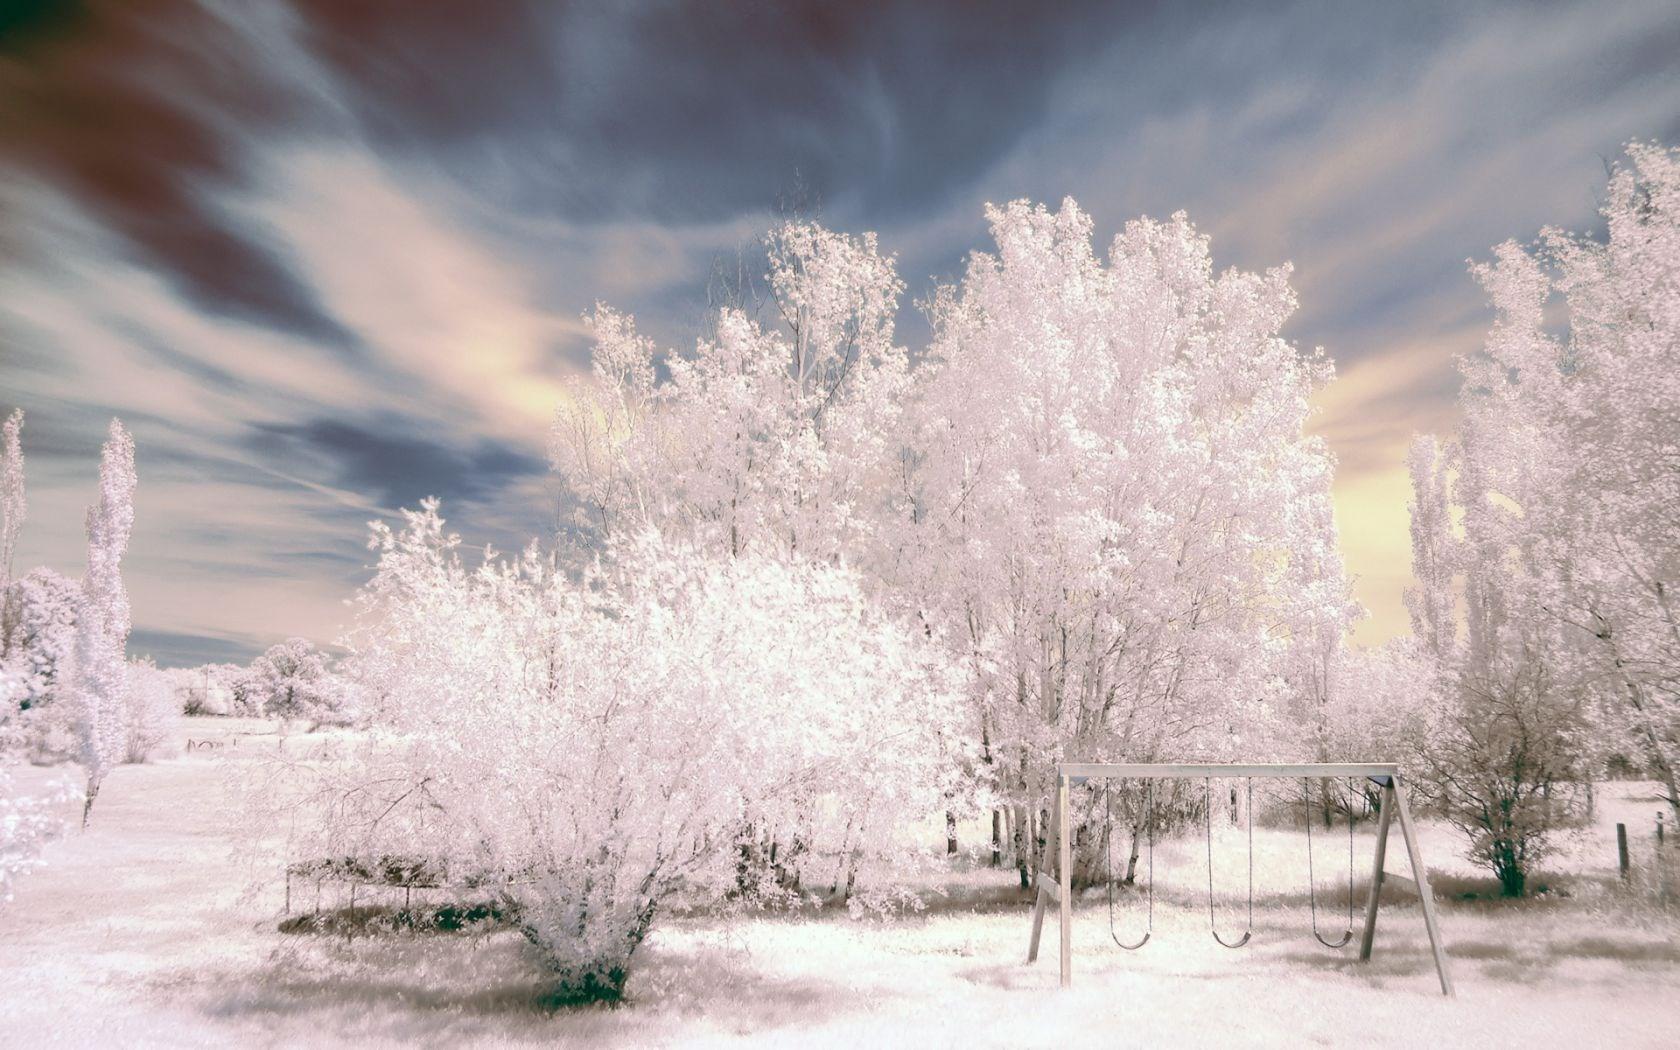 Desktop-Background-winter-wallpaper-wpc5804030